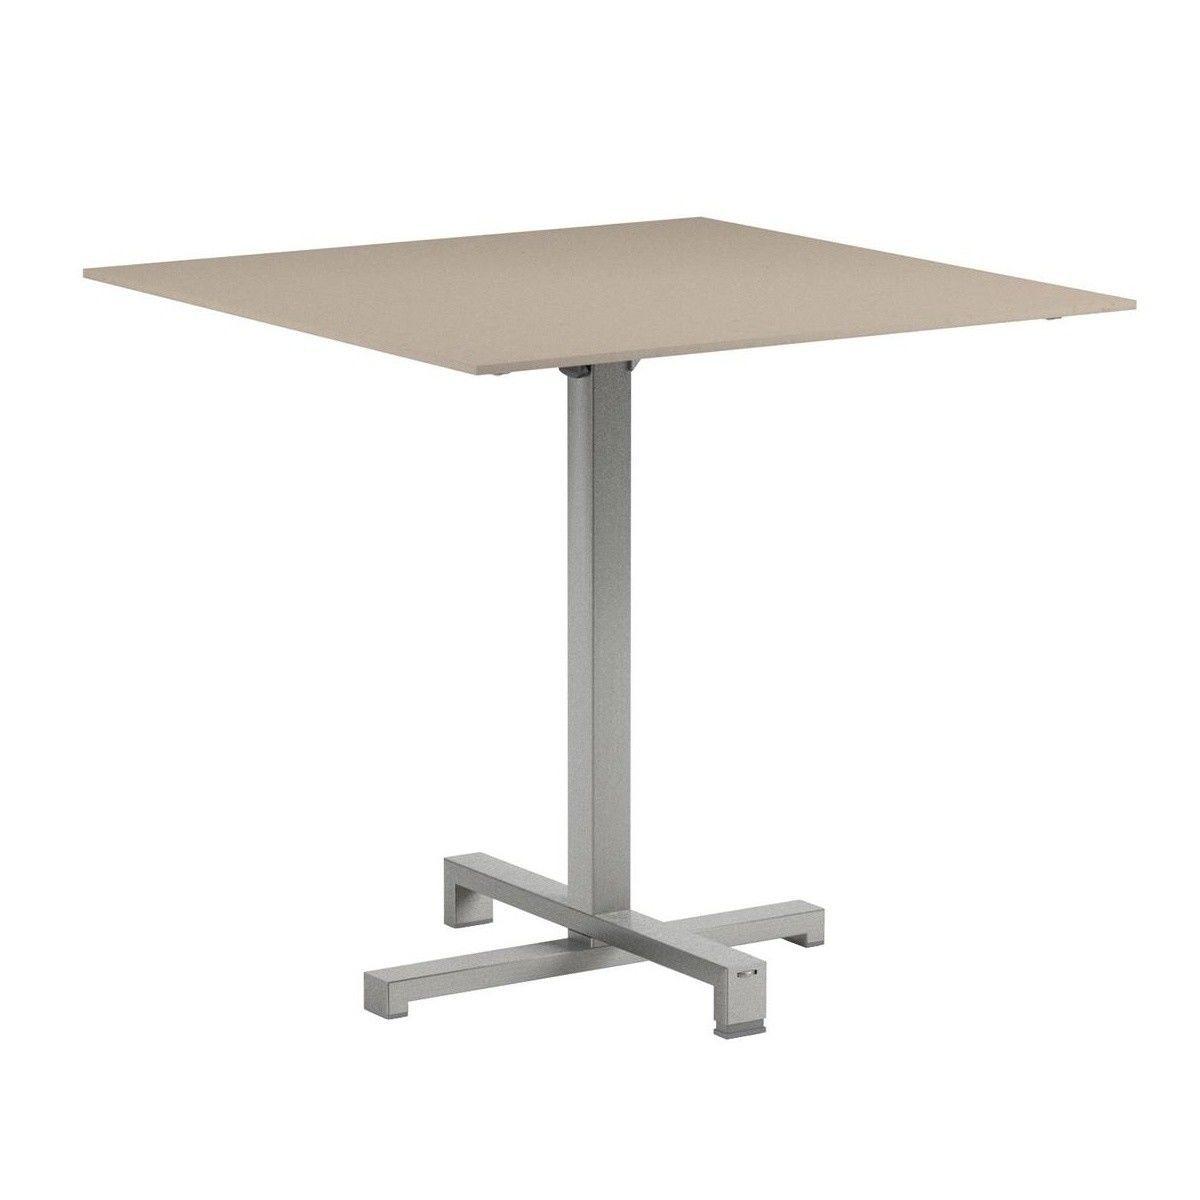 Taboela Folding Table Frame Stainless Steel Royal